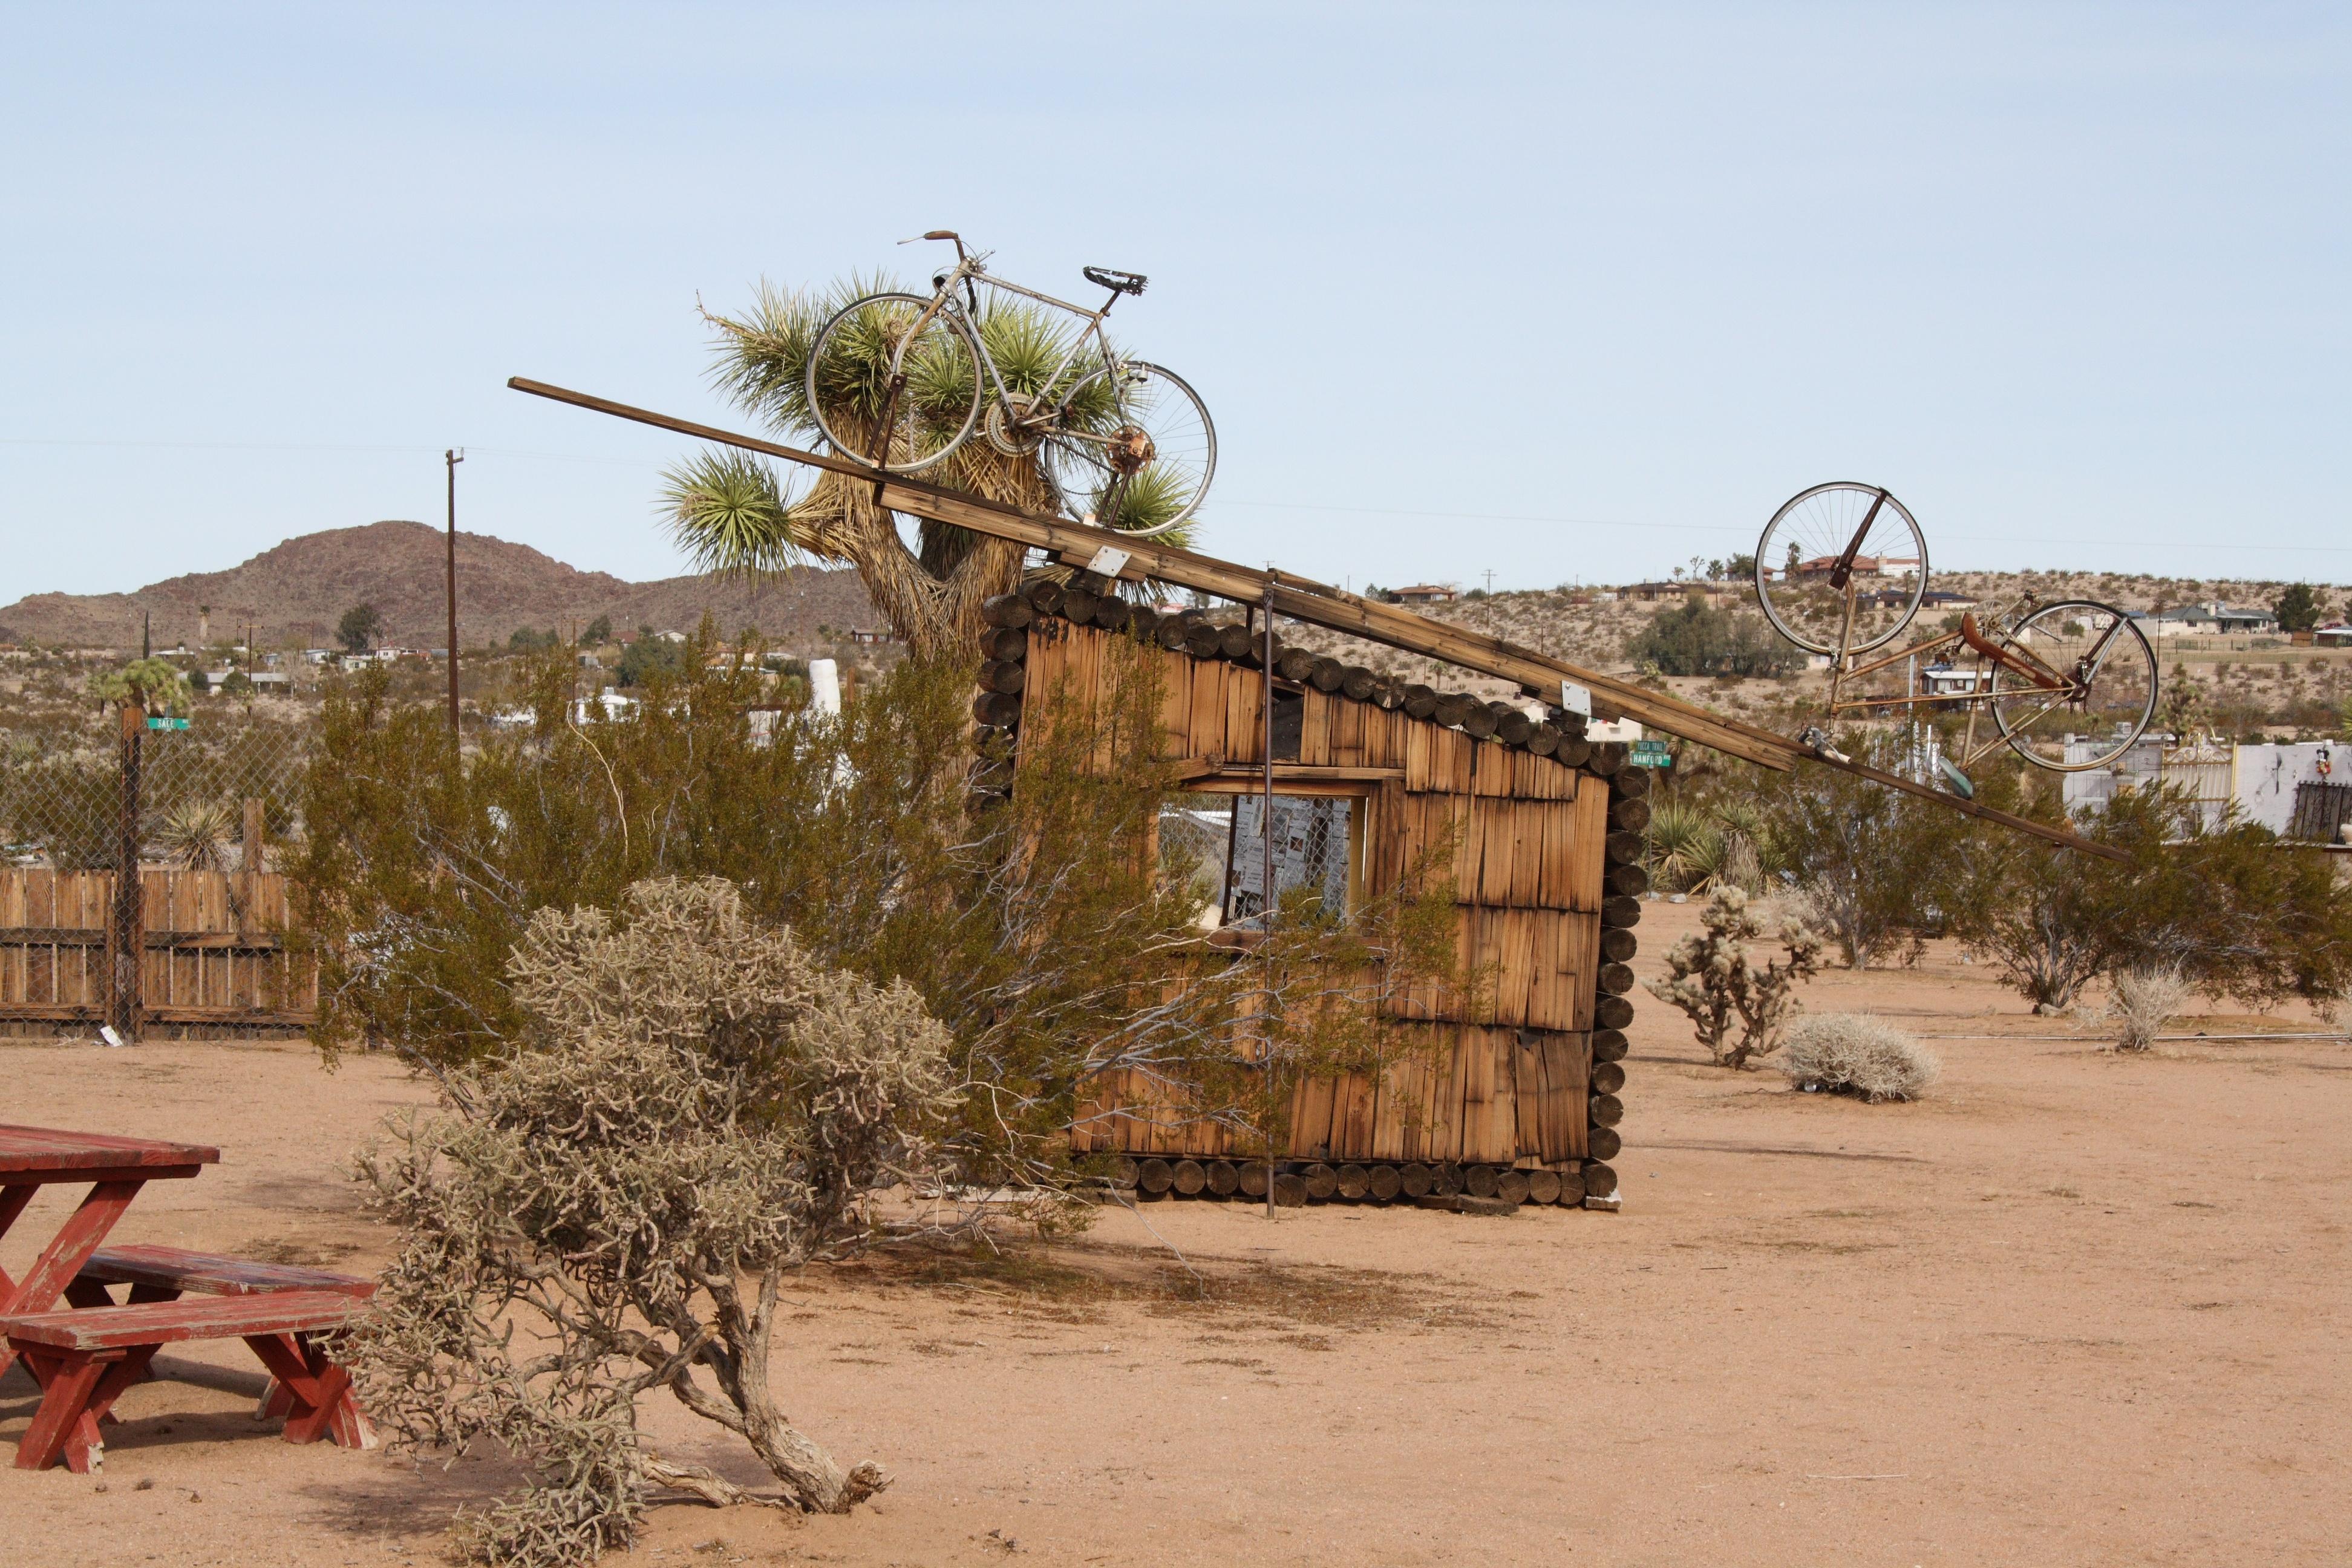 Joshua tree shack photo